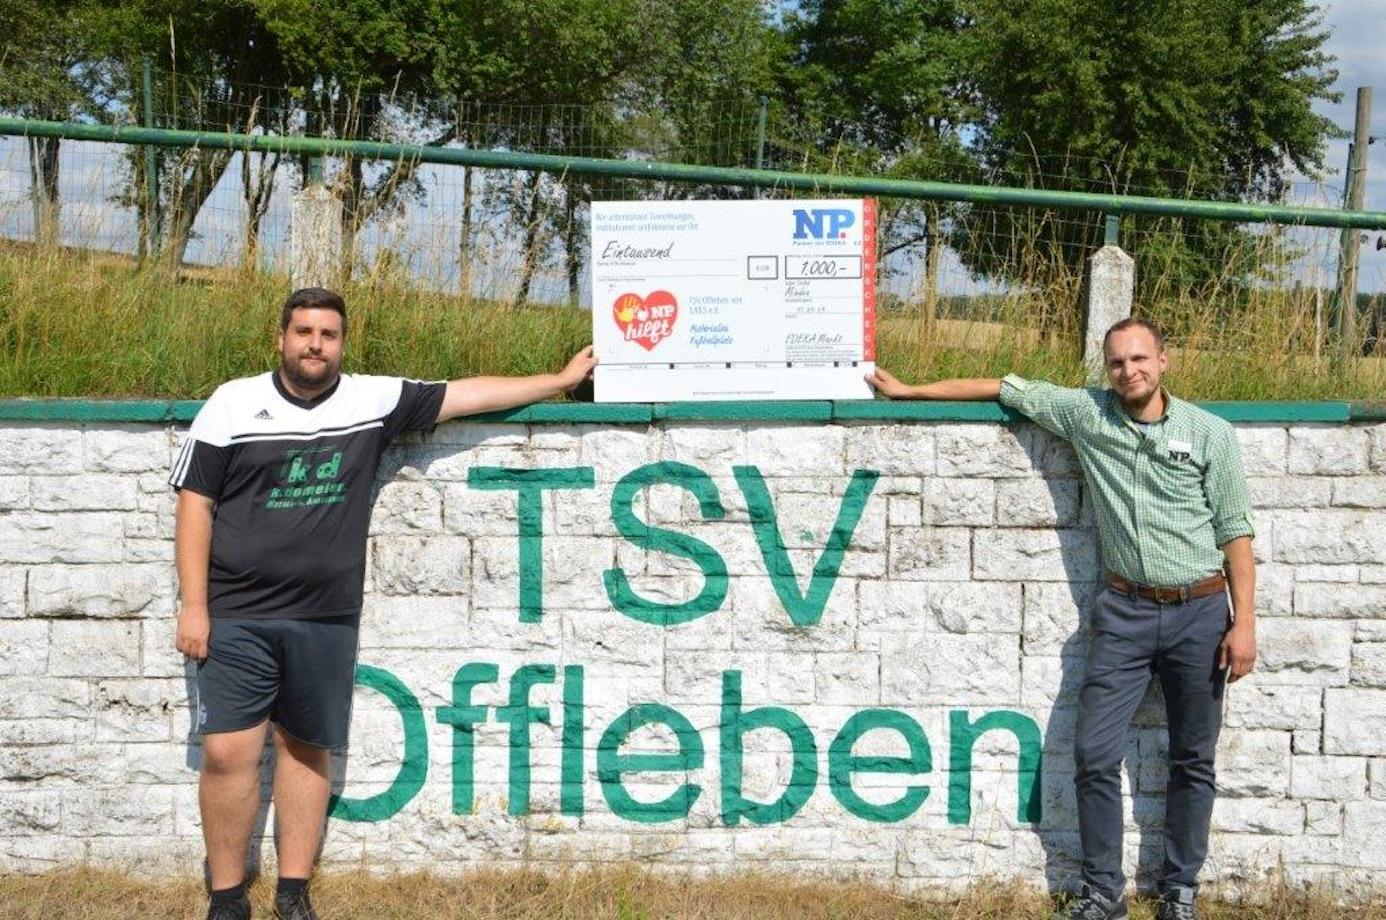 Sven Siemann freute sich über die 1.000 Euro, die er in Form eines Schecks von Christian Maaß überreicht bekam. Foto: privat